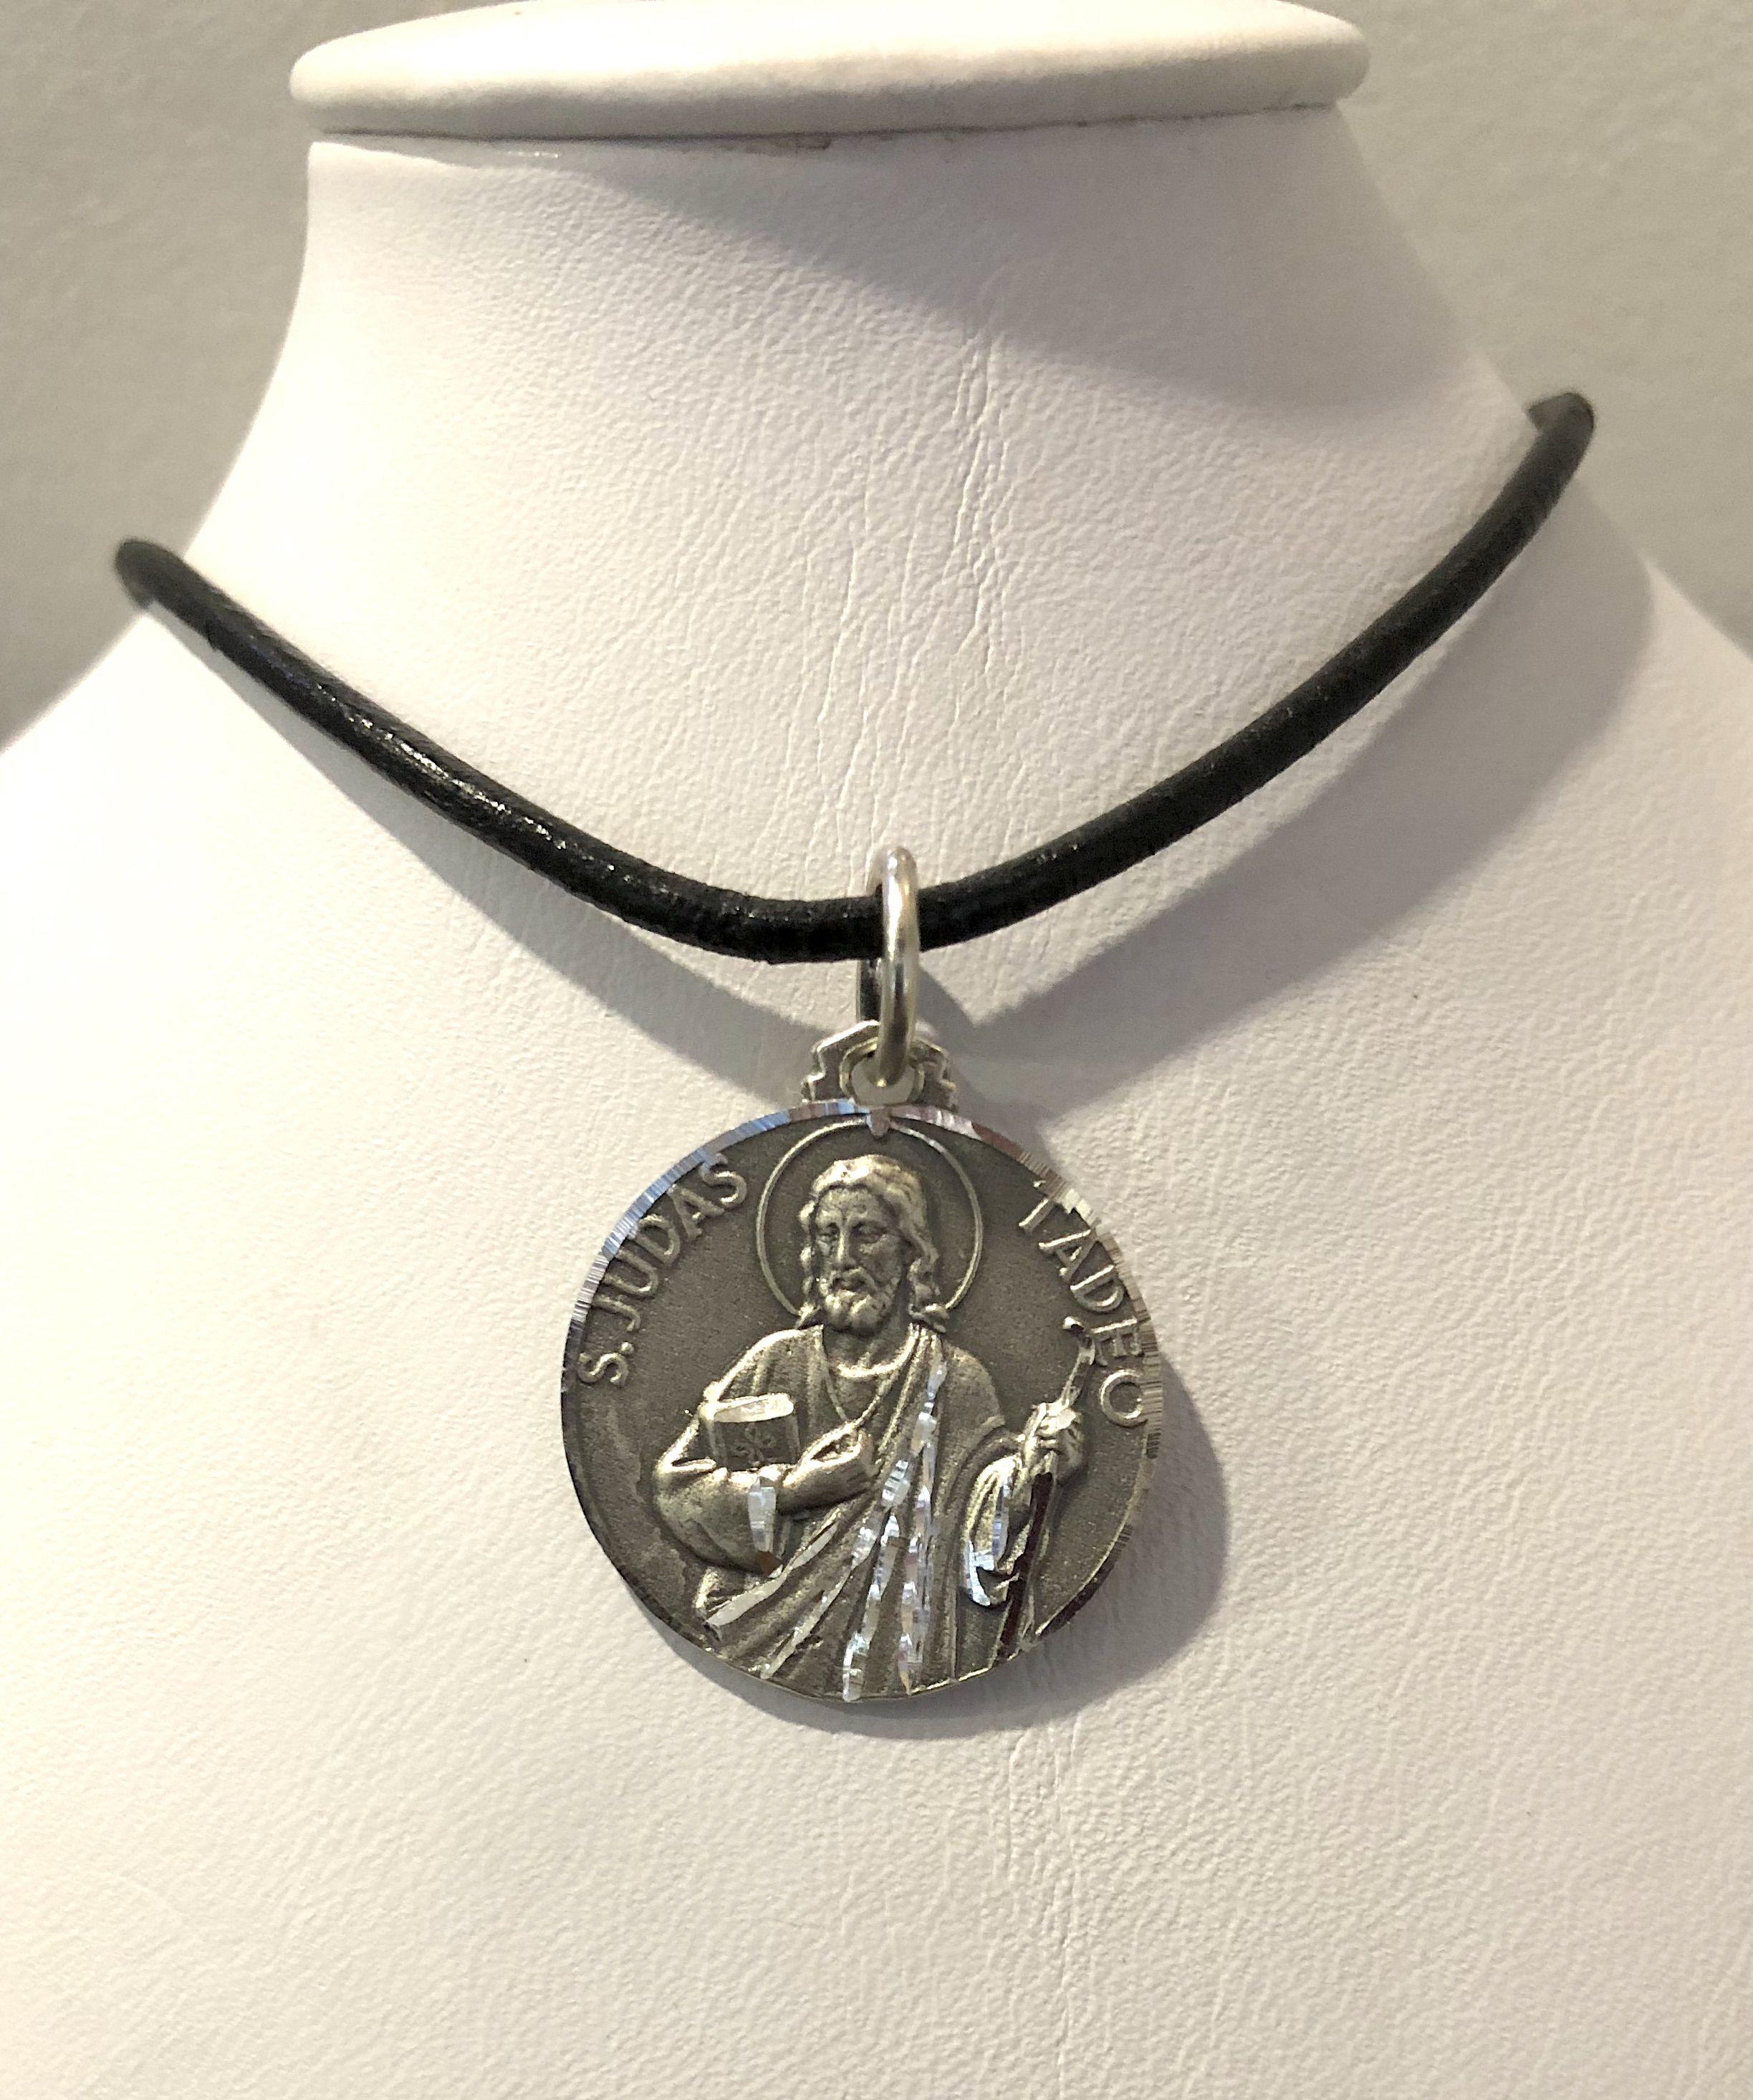 Colgante San Judas Tadeo Joyeria Dl Venta Online De Joyas Y Complementos